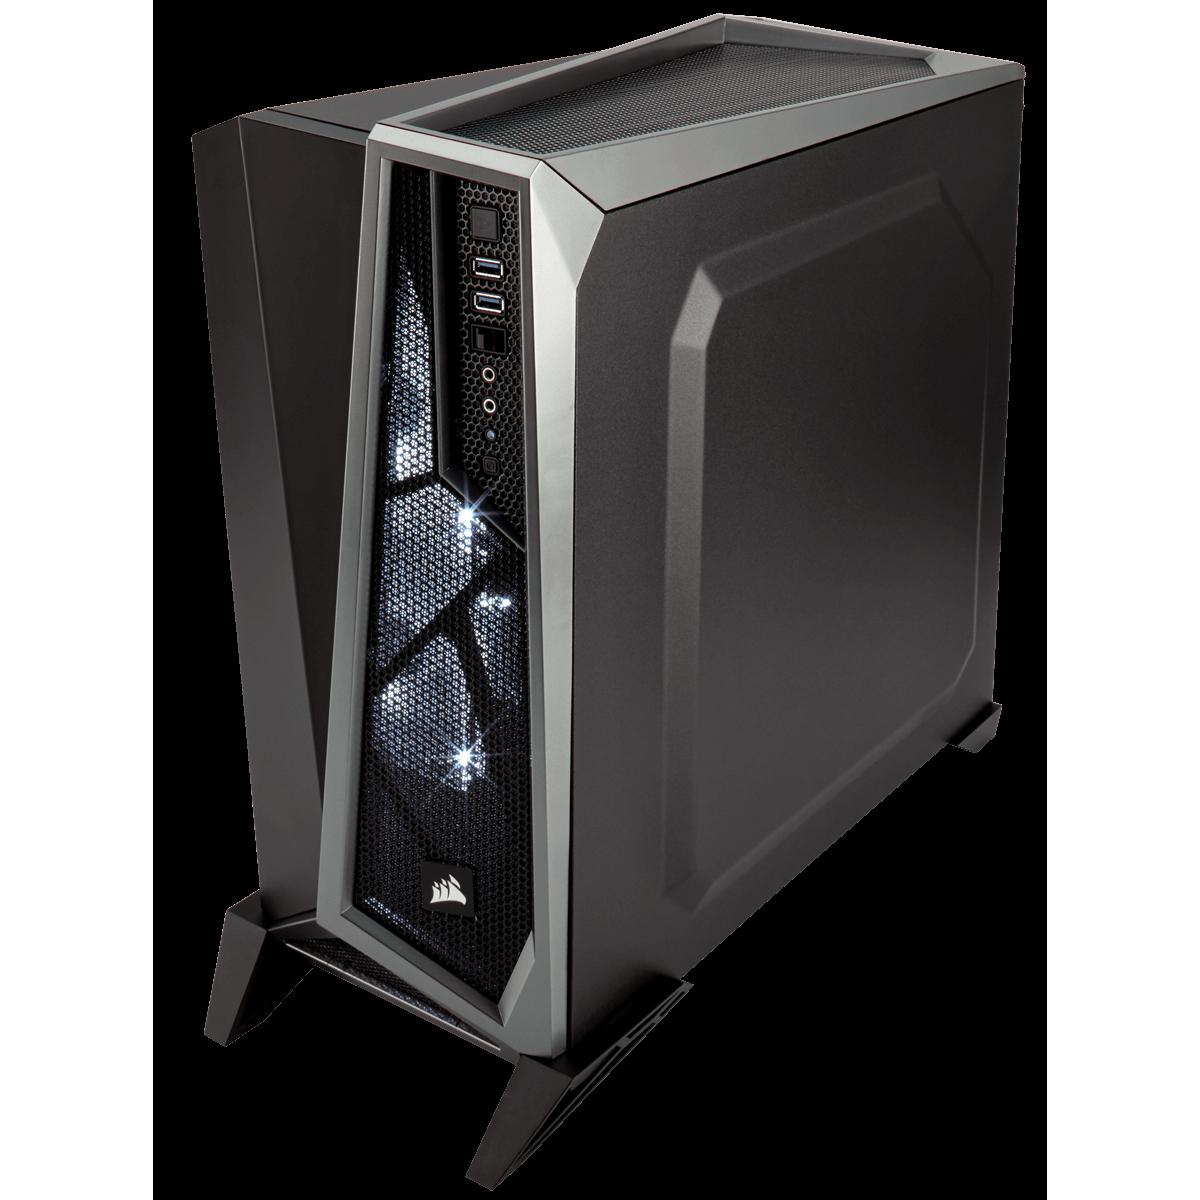 Gabinete Gamer Corsair Carbide Spec Alpha, Mid Tower, Com 3 Fans, Lateral em Acrílico, Black-Grey, Sem Fonte, CC-9011084-WW